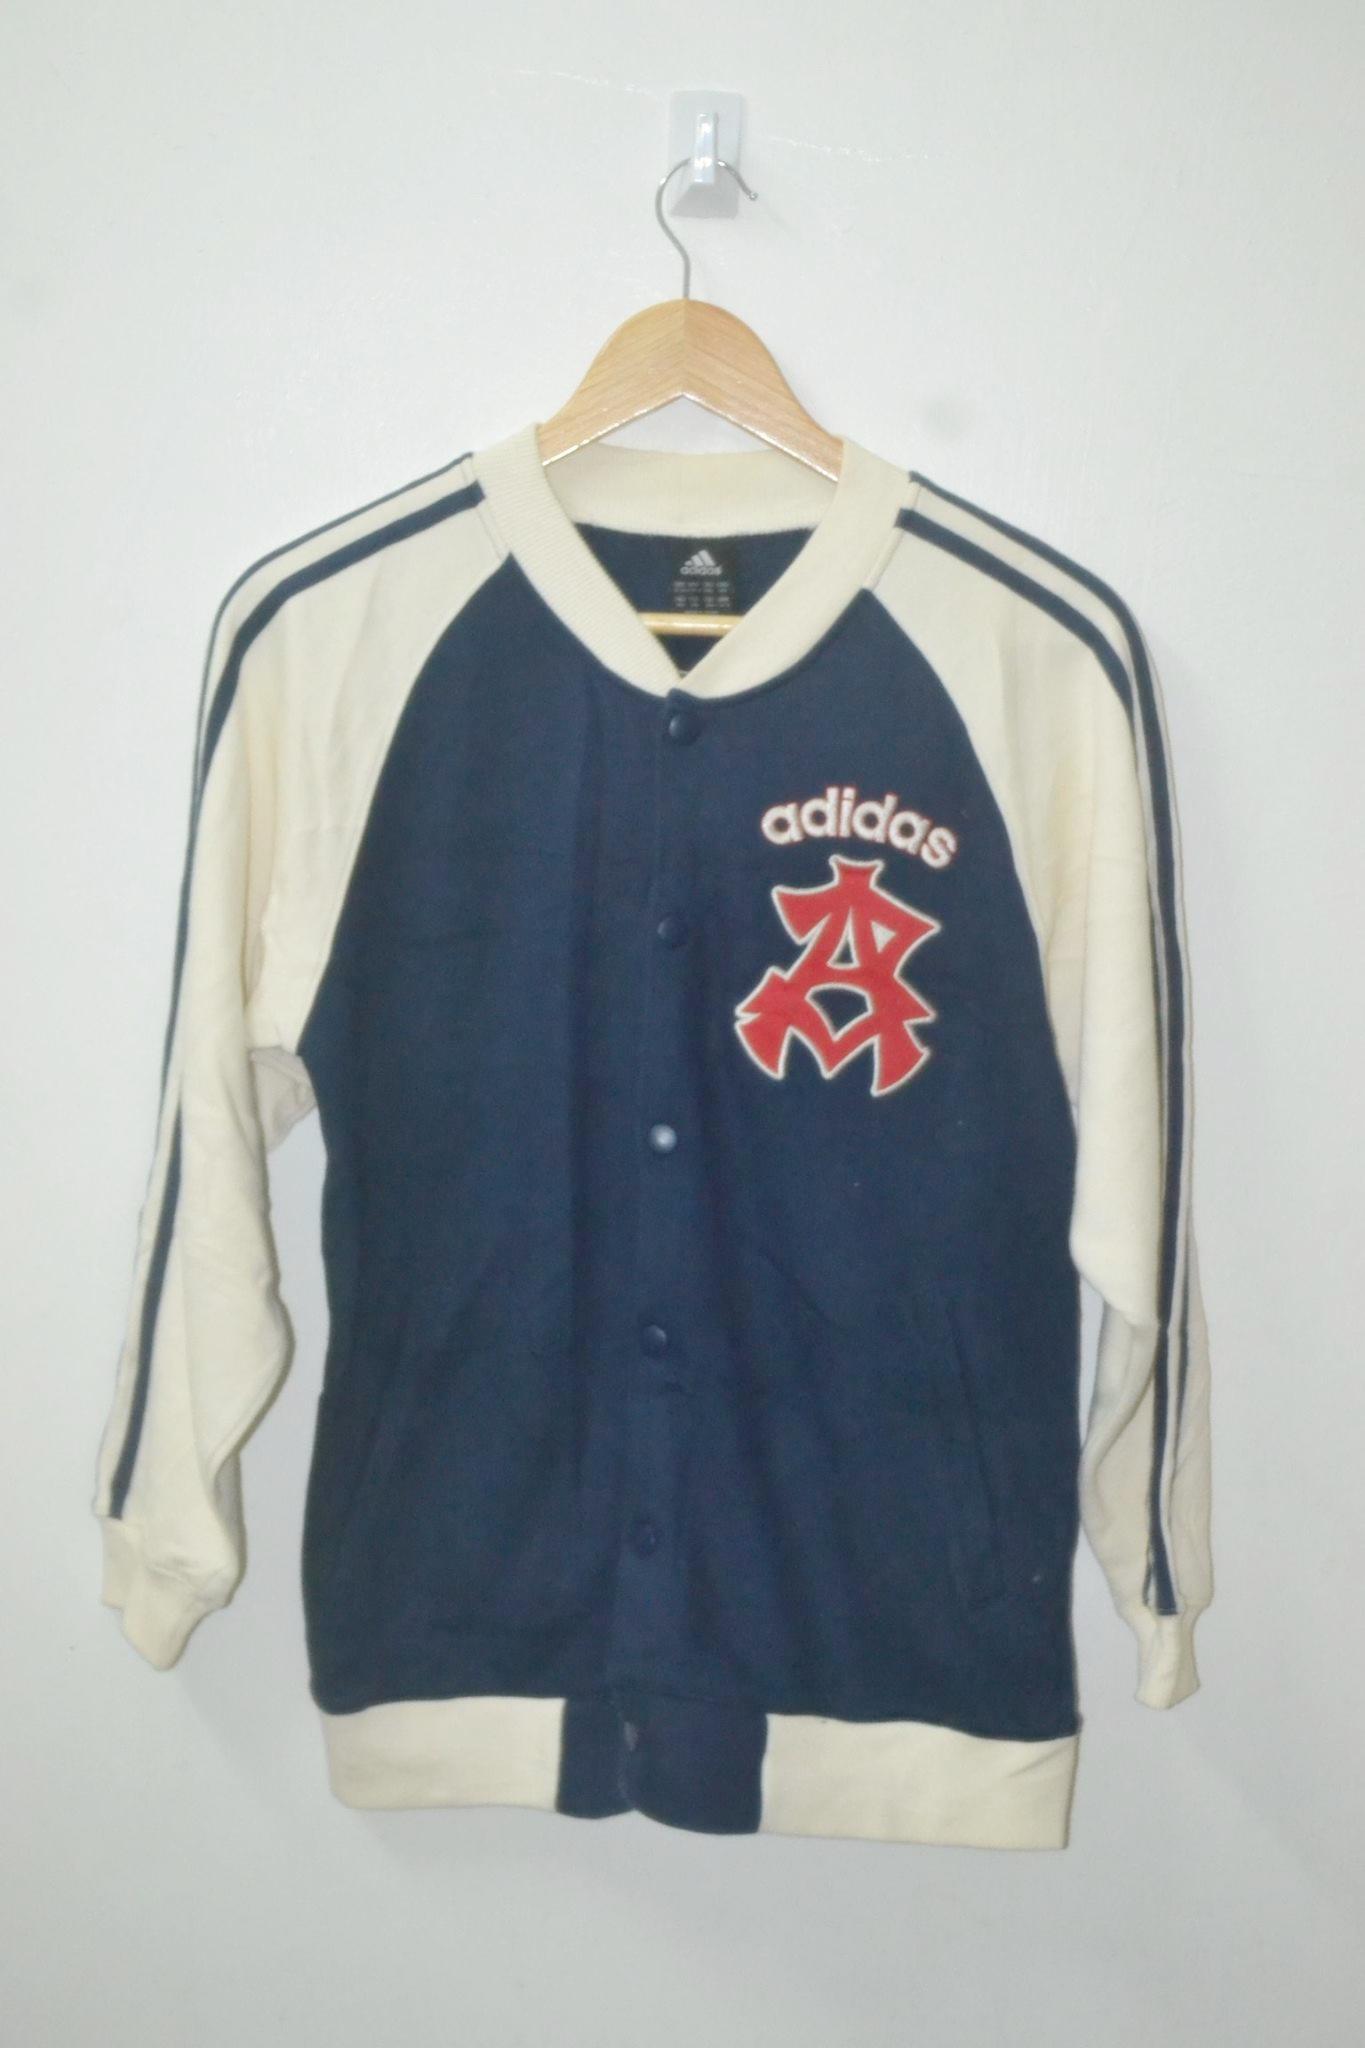 mañana Estricto Alargar  Adidas Vintage Adidas Jacket 90s | Grailed